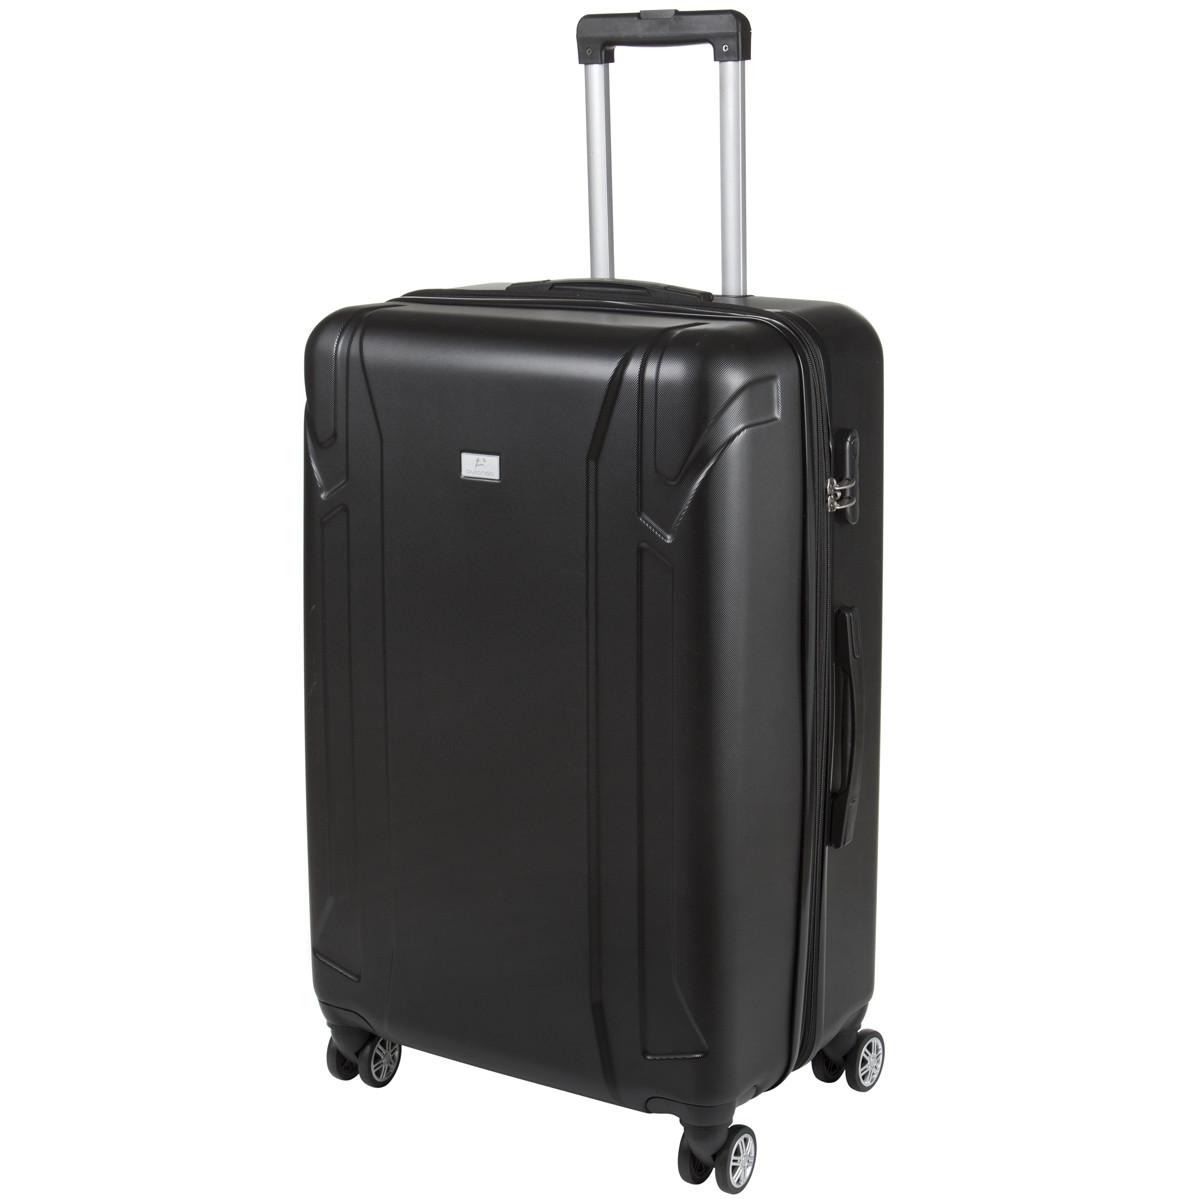 Валіза великий чорний з розширенням пластик ABS OULANDO 4 колеса 47х72х29(+3) ксЛ722-28ч